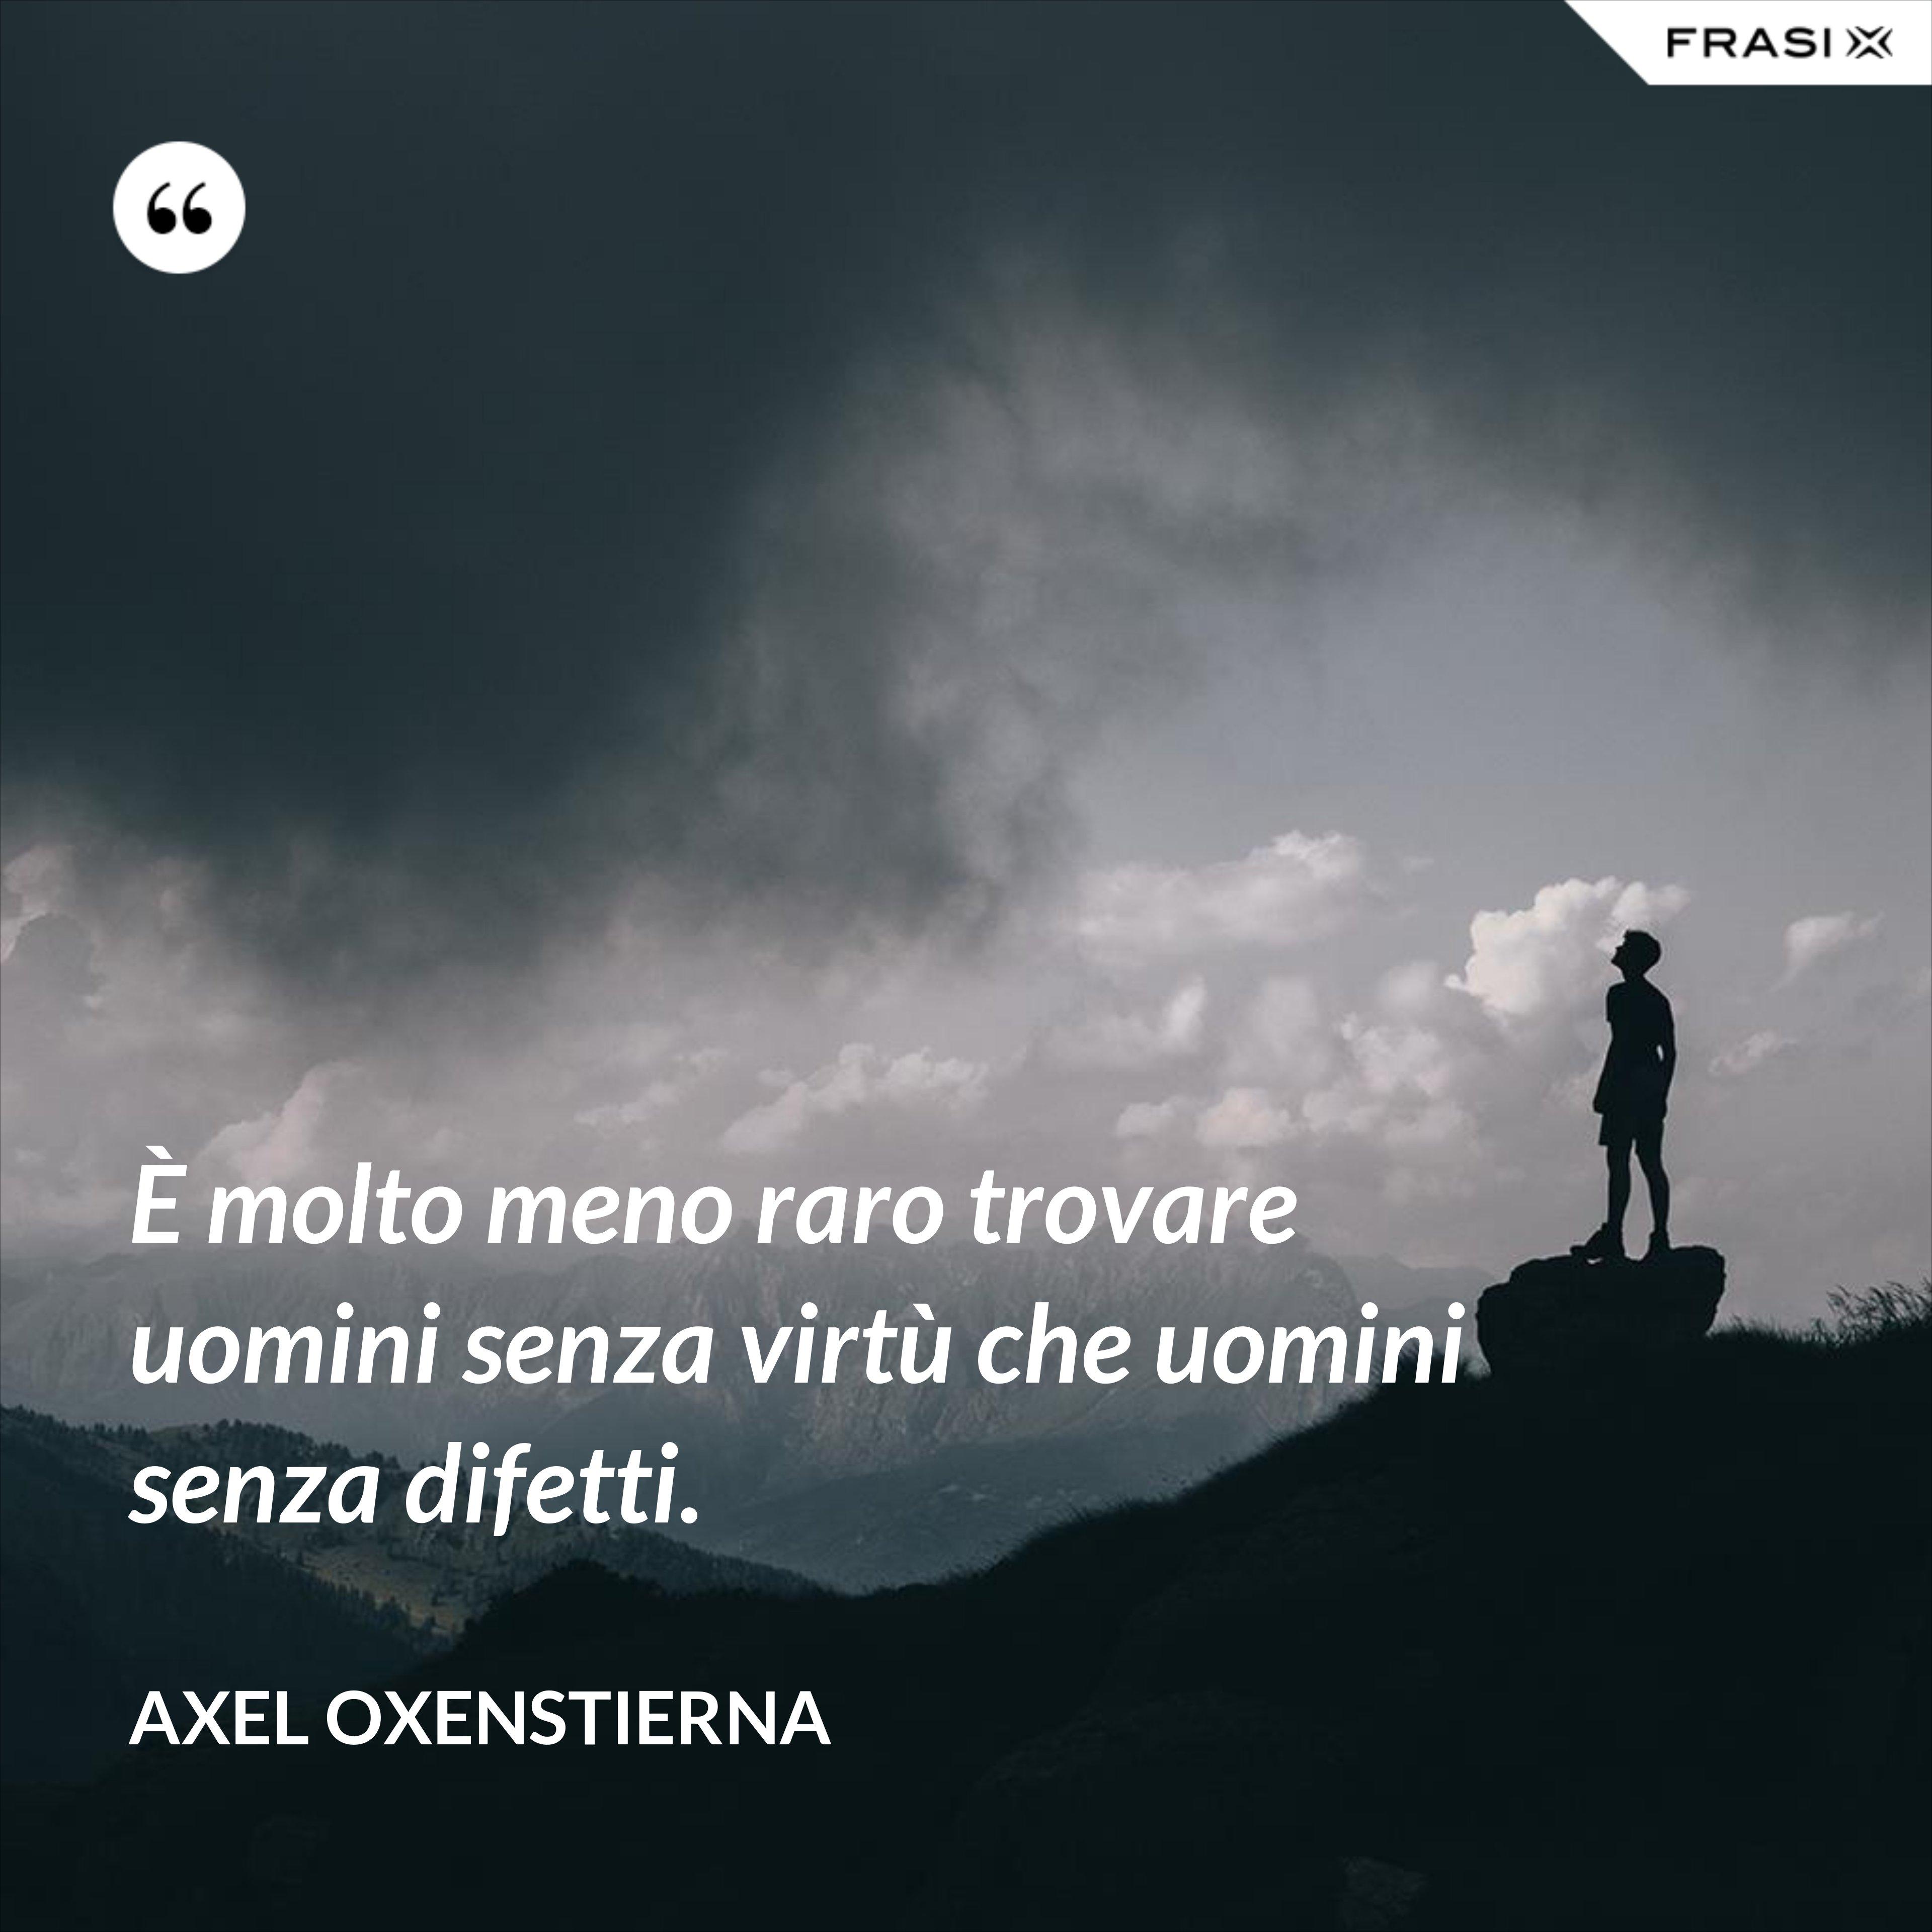 È molto meno raro trovare uomini senza virtù che uomini senza difetti. - Axel Oxenstierna